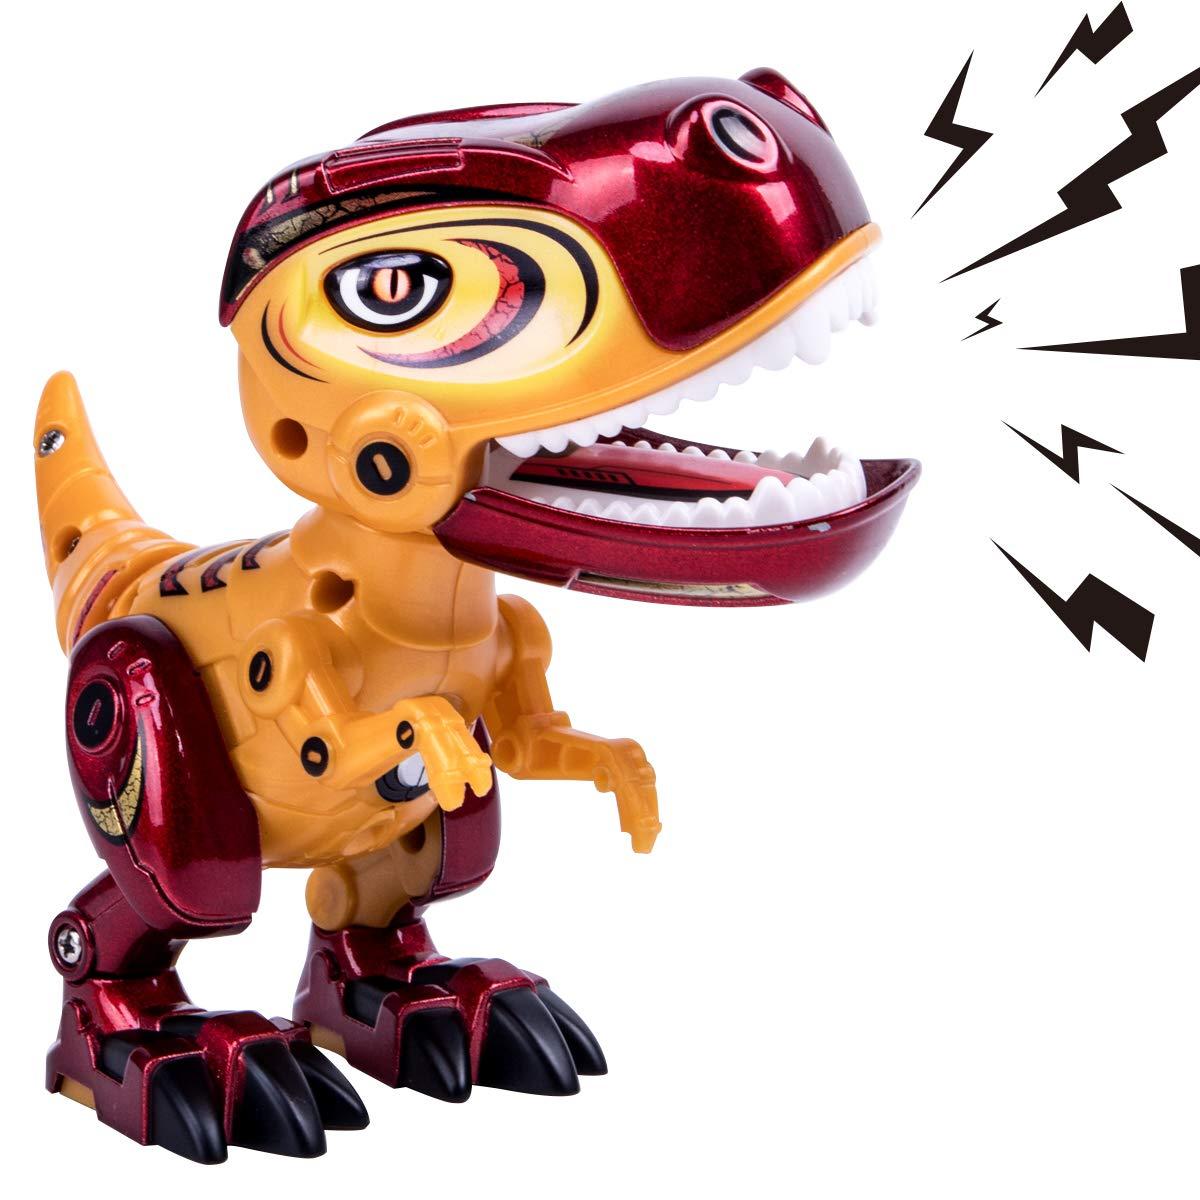 GILOBABY Elektrische Dinosaurier Spielzeug f/ür Kinder Dinosaurier Spielzeug f/ür Bildung und Lernen lebensechte mehrfarbige Dinosaurier mit Sound /& Lights Geschenke f/ür Jungen // M/ädchen